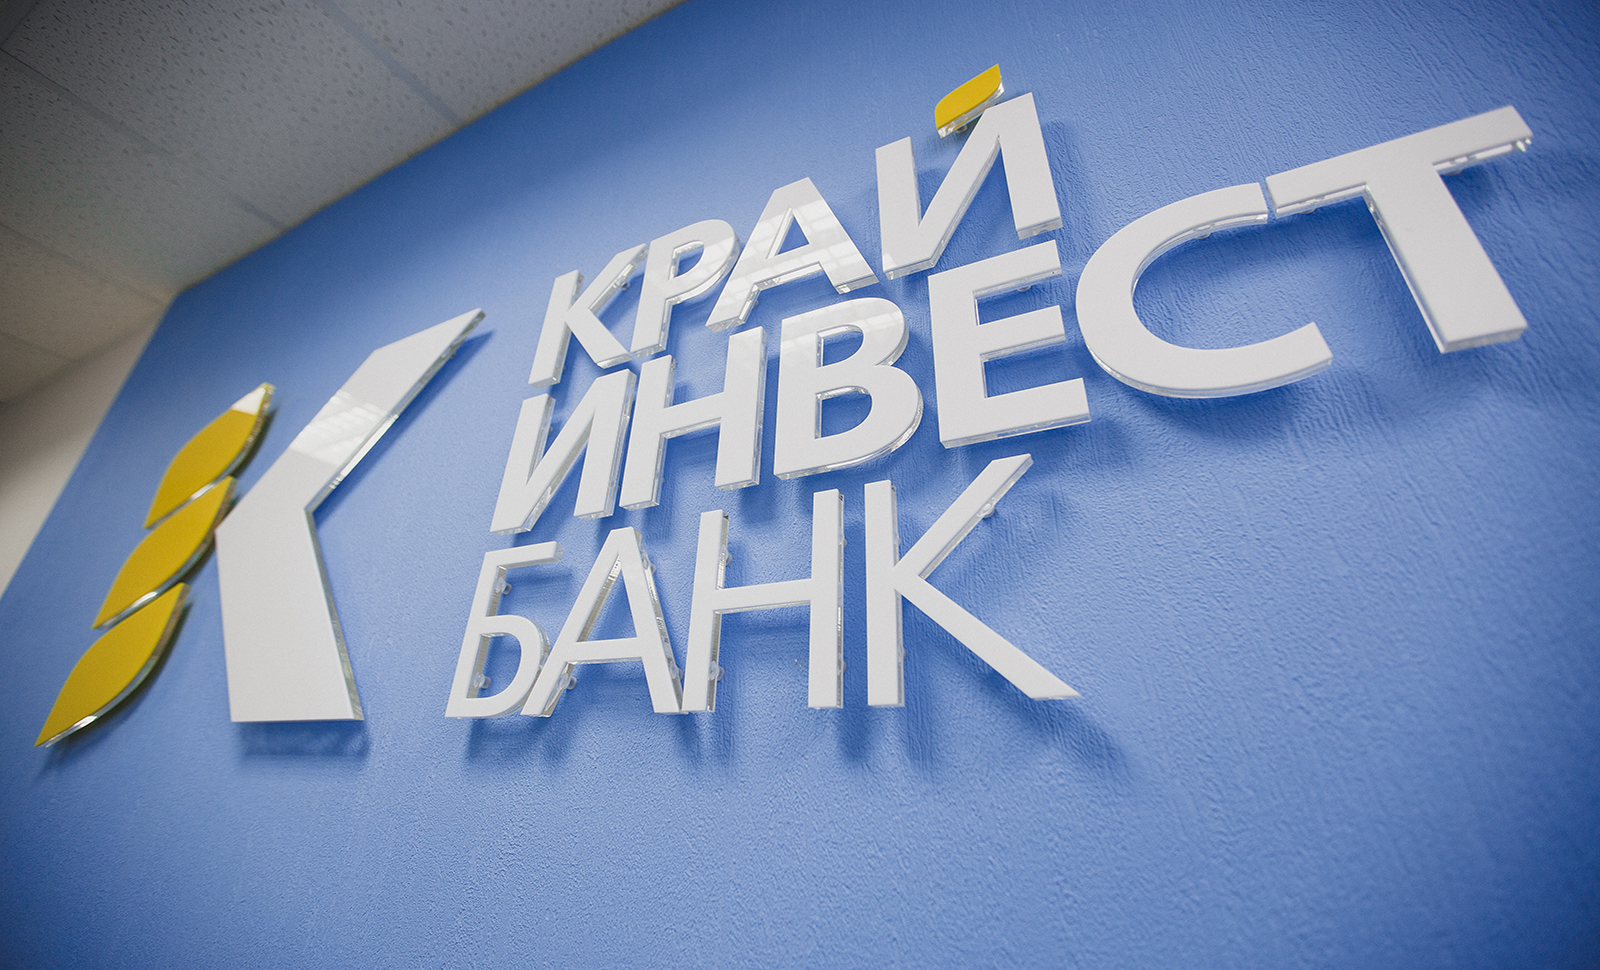 Я хочу взять кредит дистанционно в банке Москвы Восточный